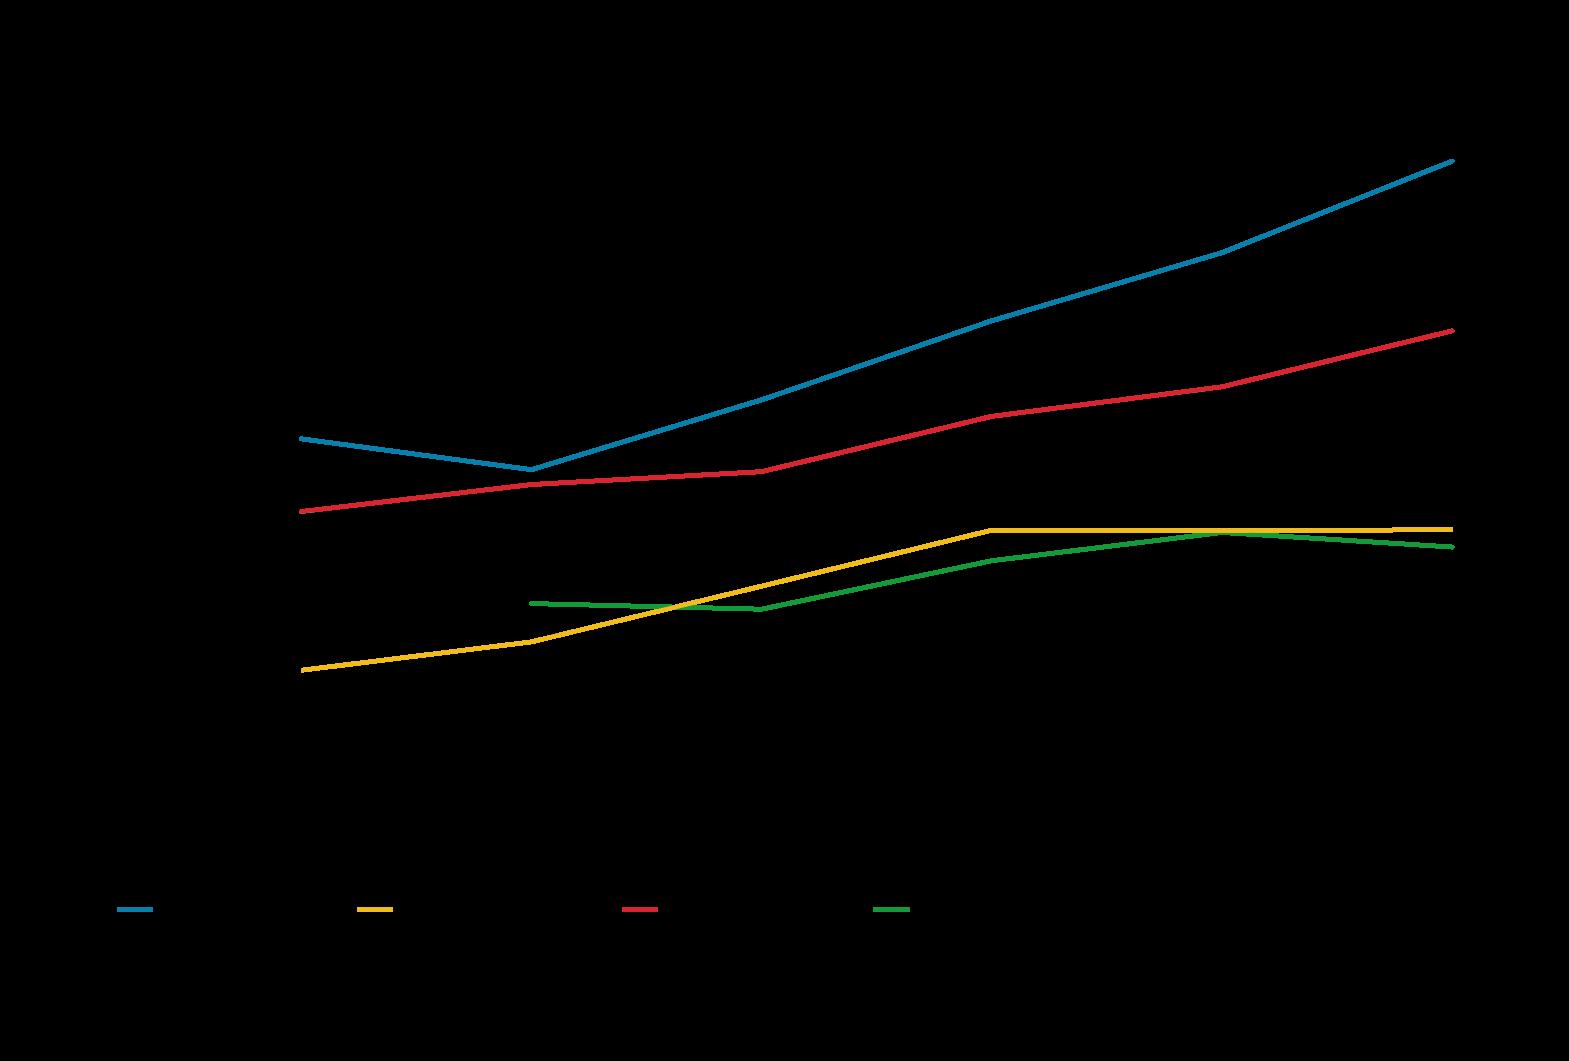 Polska wiceliderem eksportu motoryzacyjnego